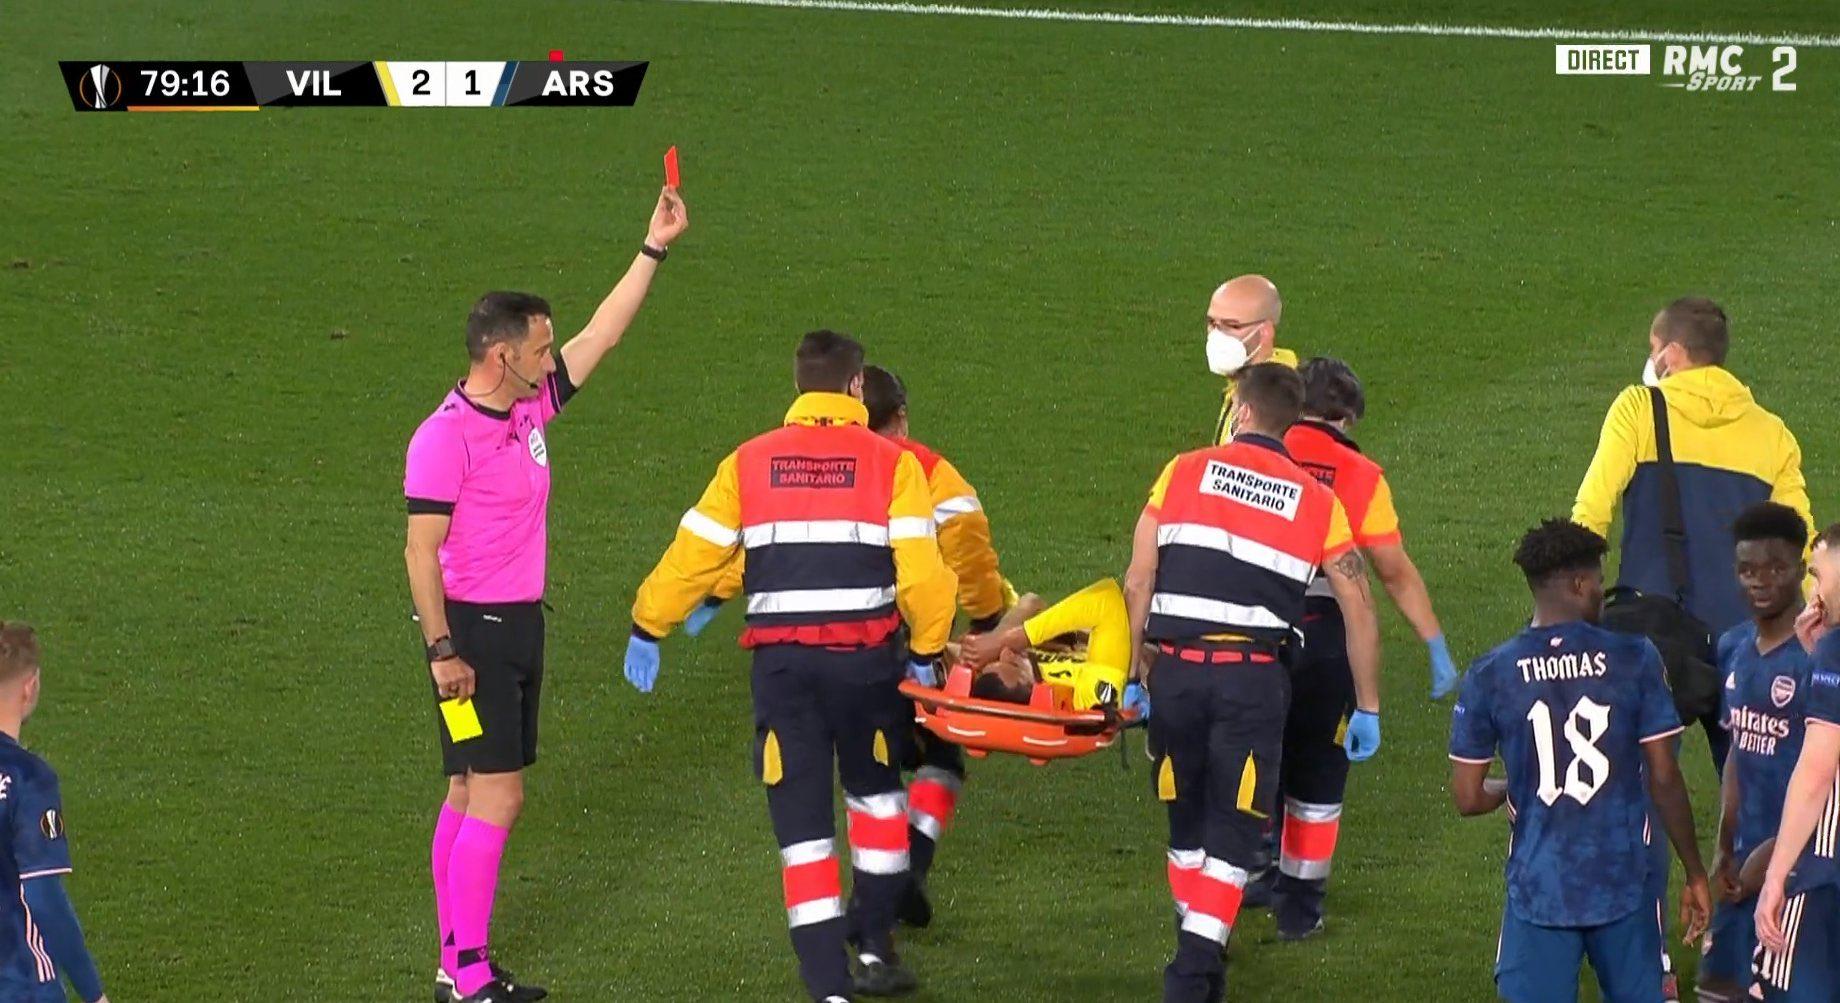 Ligue Europa : Etienne Capoue prend un carton rouge alors qu'il sort sur civière